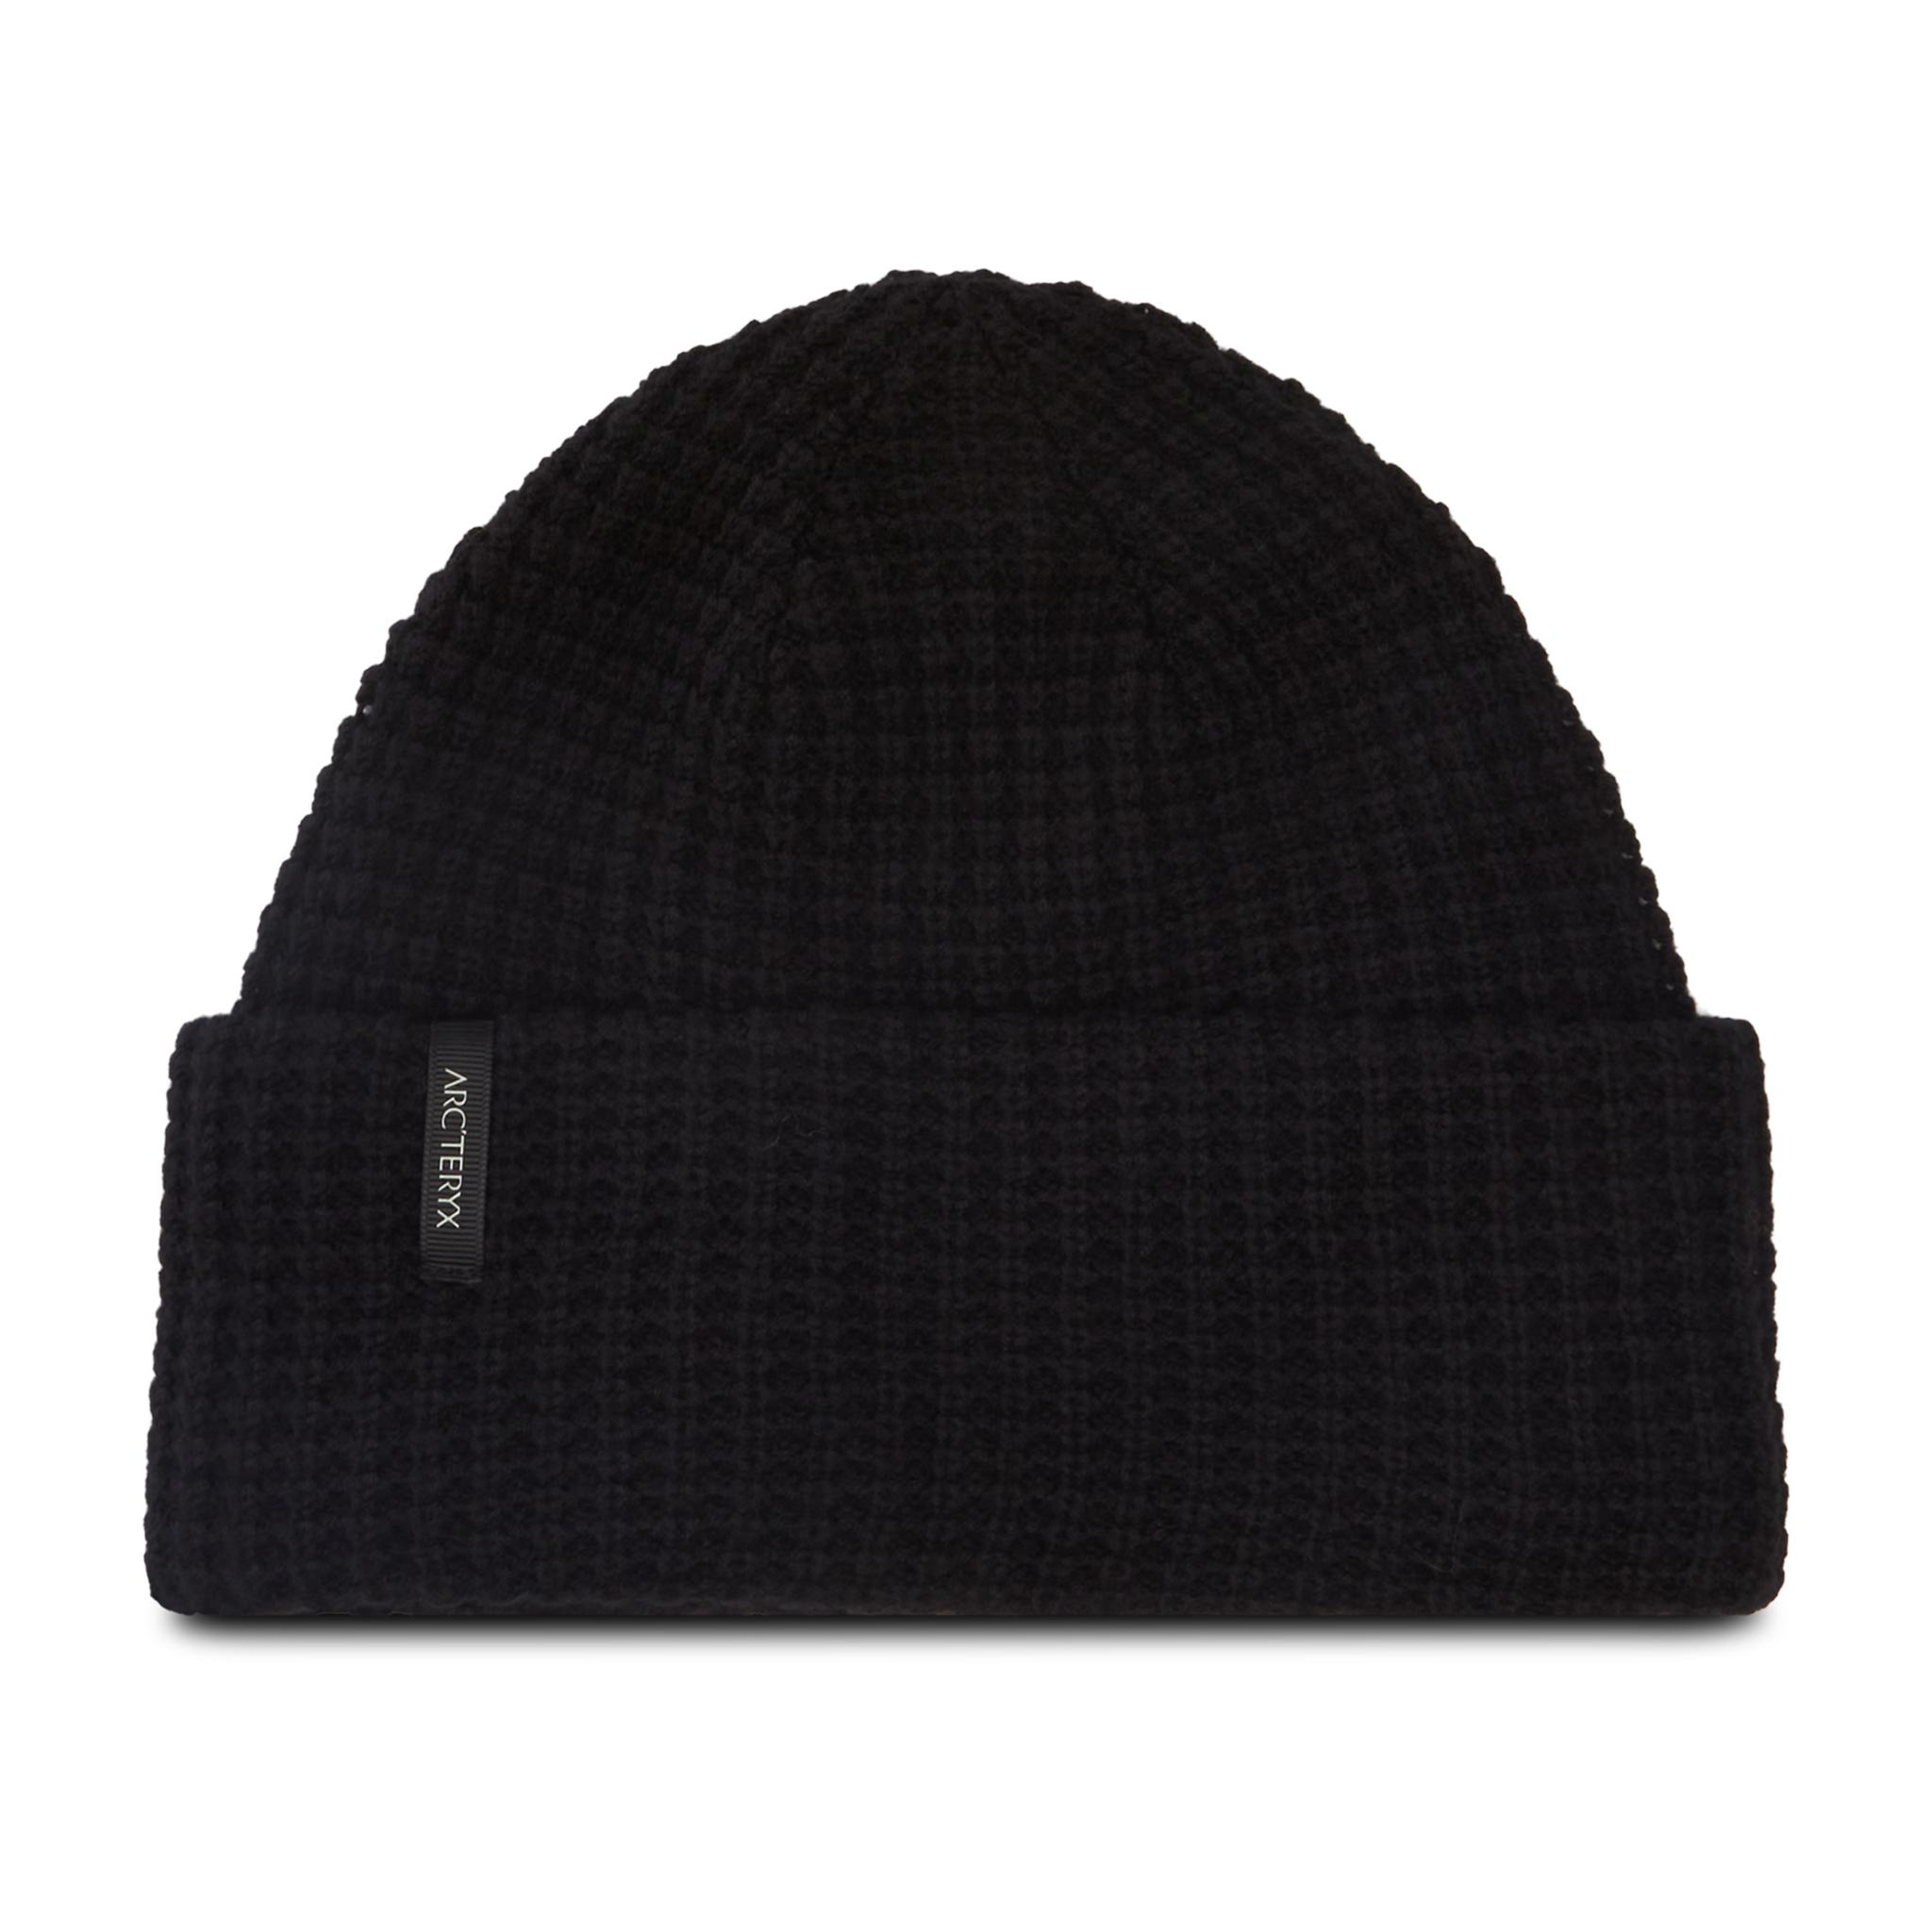 Image of Mütze ARC'TERYX - Chunky Knit Hat 2740 Black